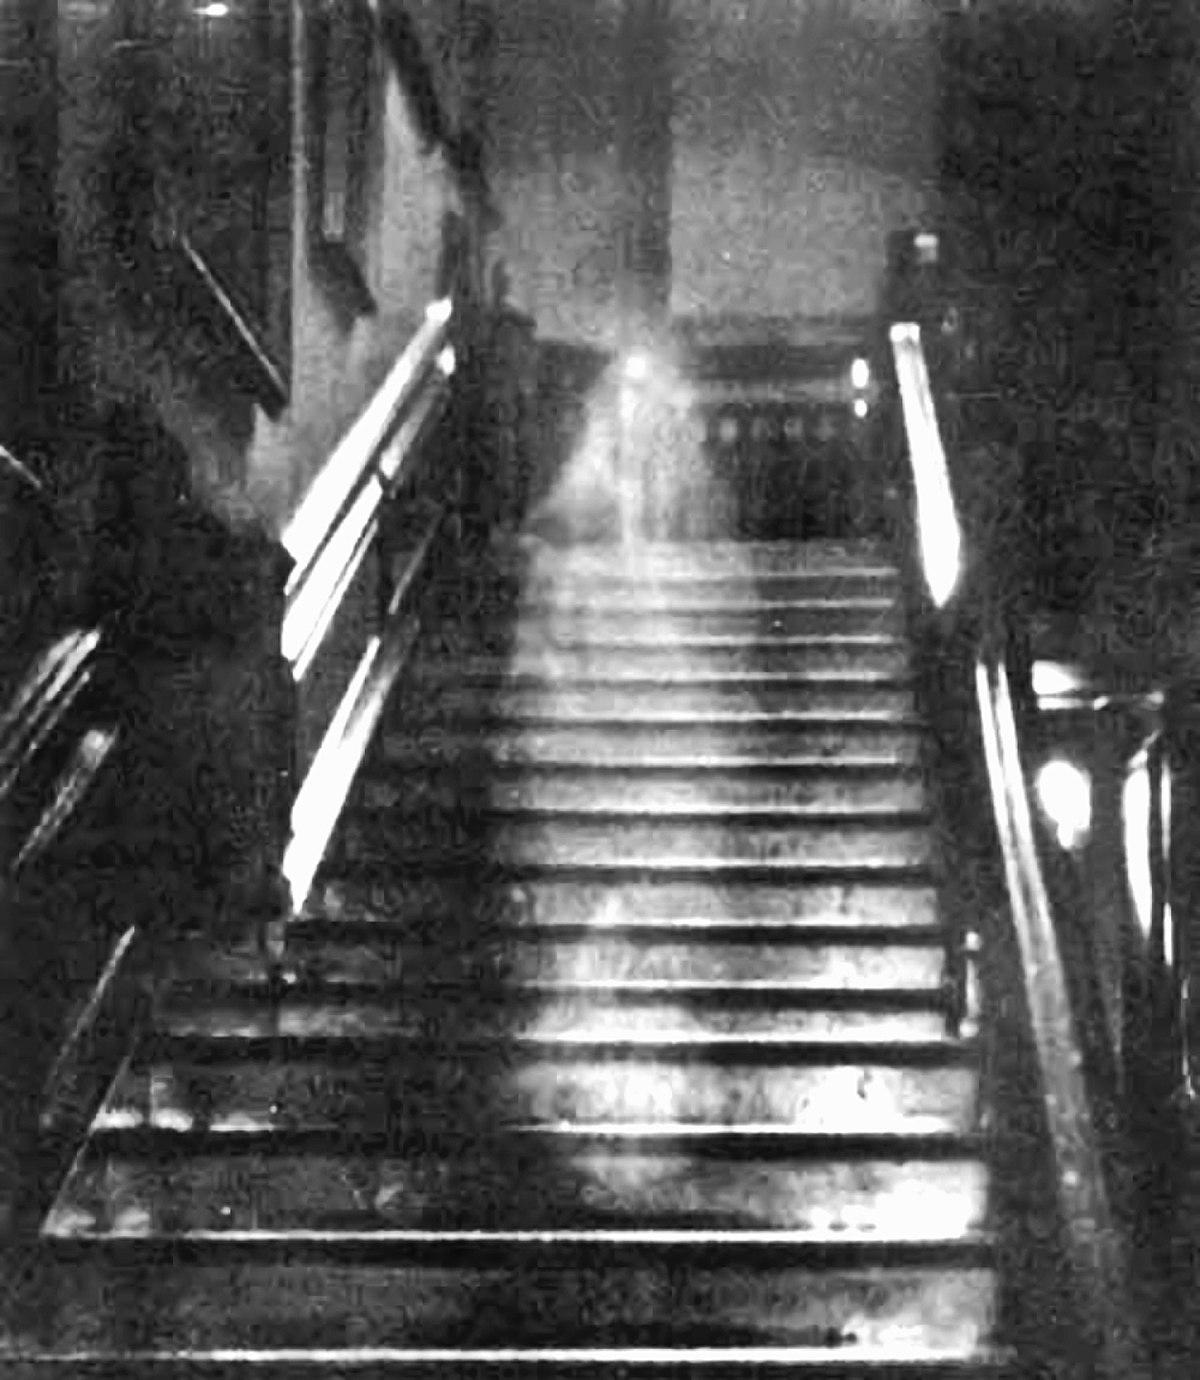 Dama Marrón De Raynham Hall Wikipedia La Enciclopedia Libre